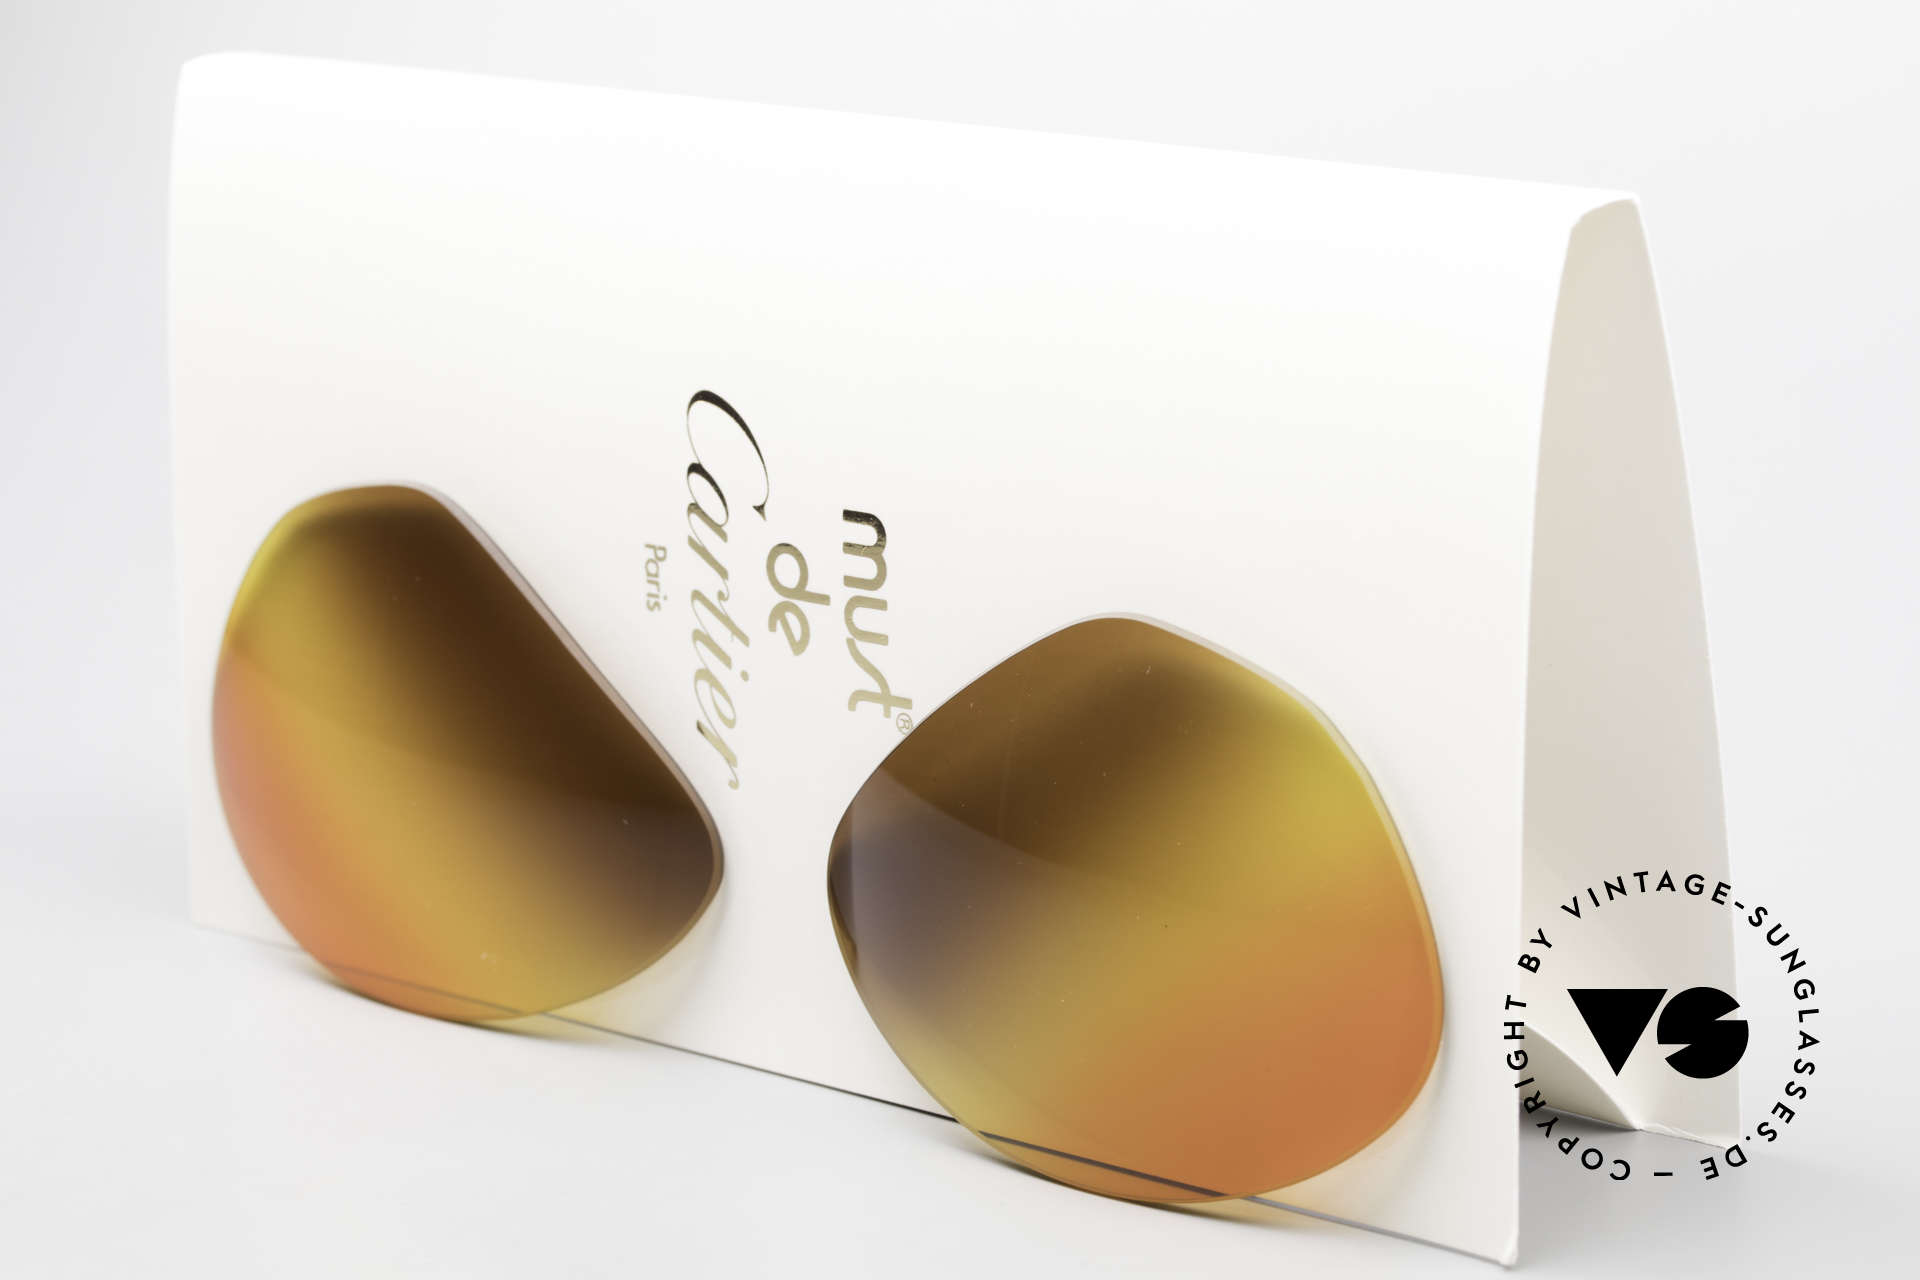 Cartier Vendome Lenses - L 3fach Verlauf Wüstensonne, neue CR39 UV400 Kunststoff-Gläser (100% UV Schutz), Passend für Herren und Damen